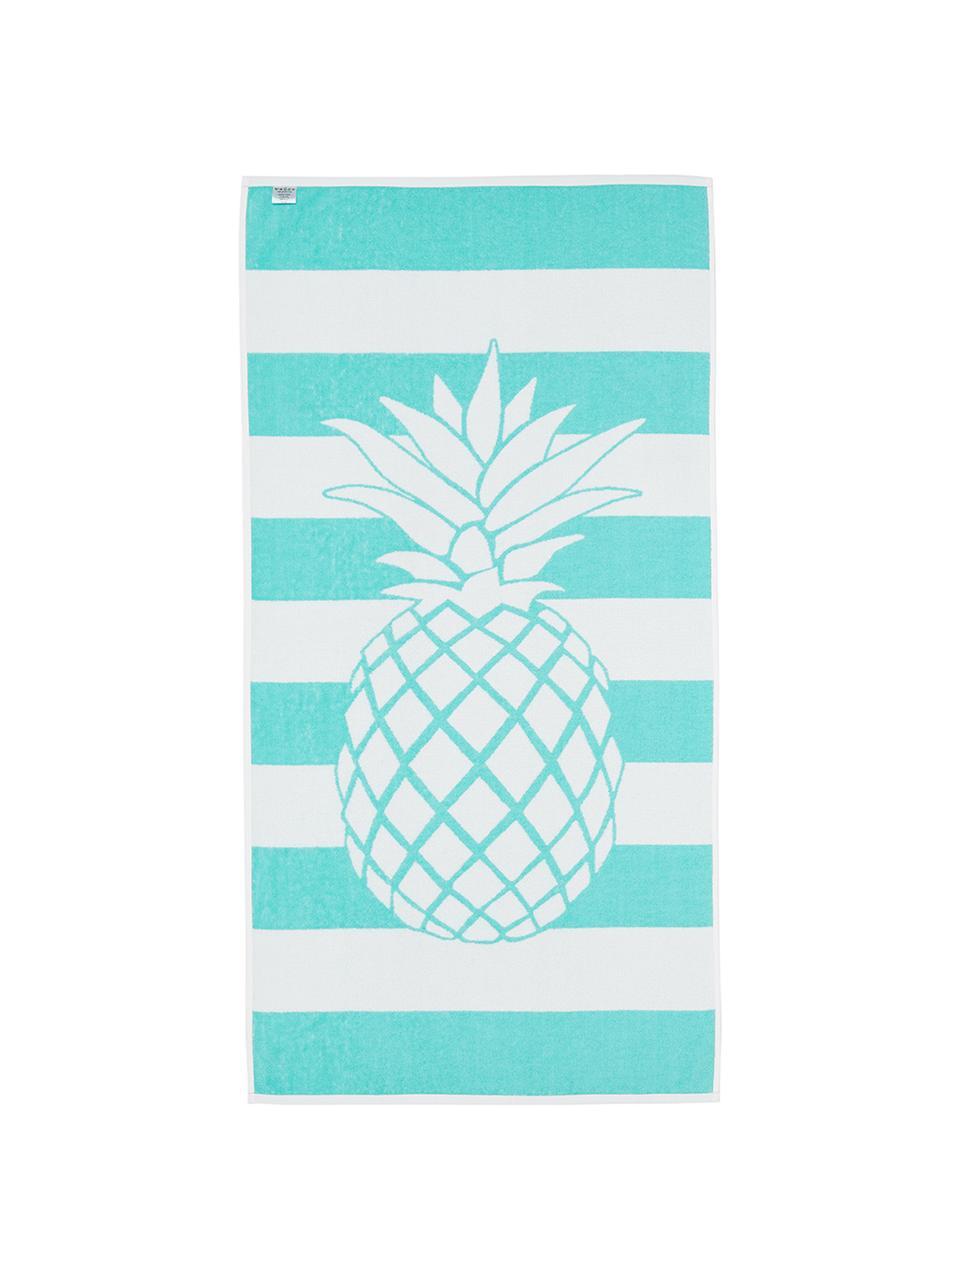 Ręcznik plażowy Anas, Bawełna Niska gramatura 380 g/m², Turkusowy, biały, S 80 x D 160 cm